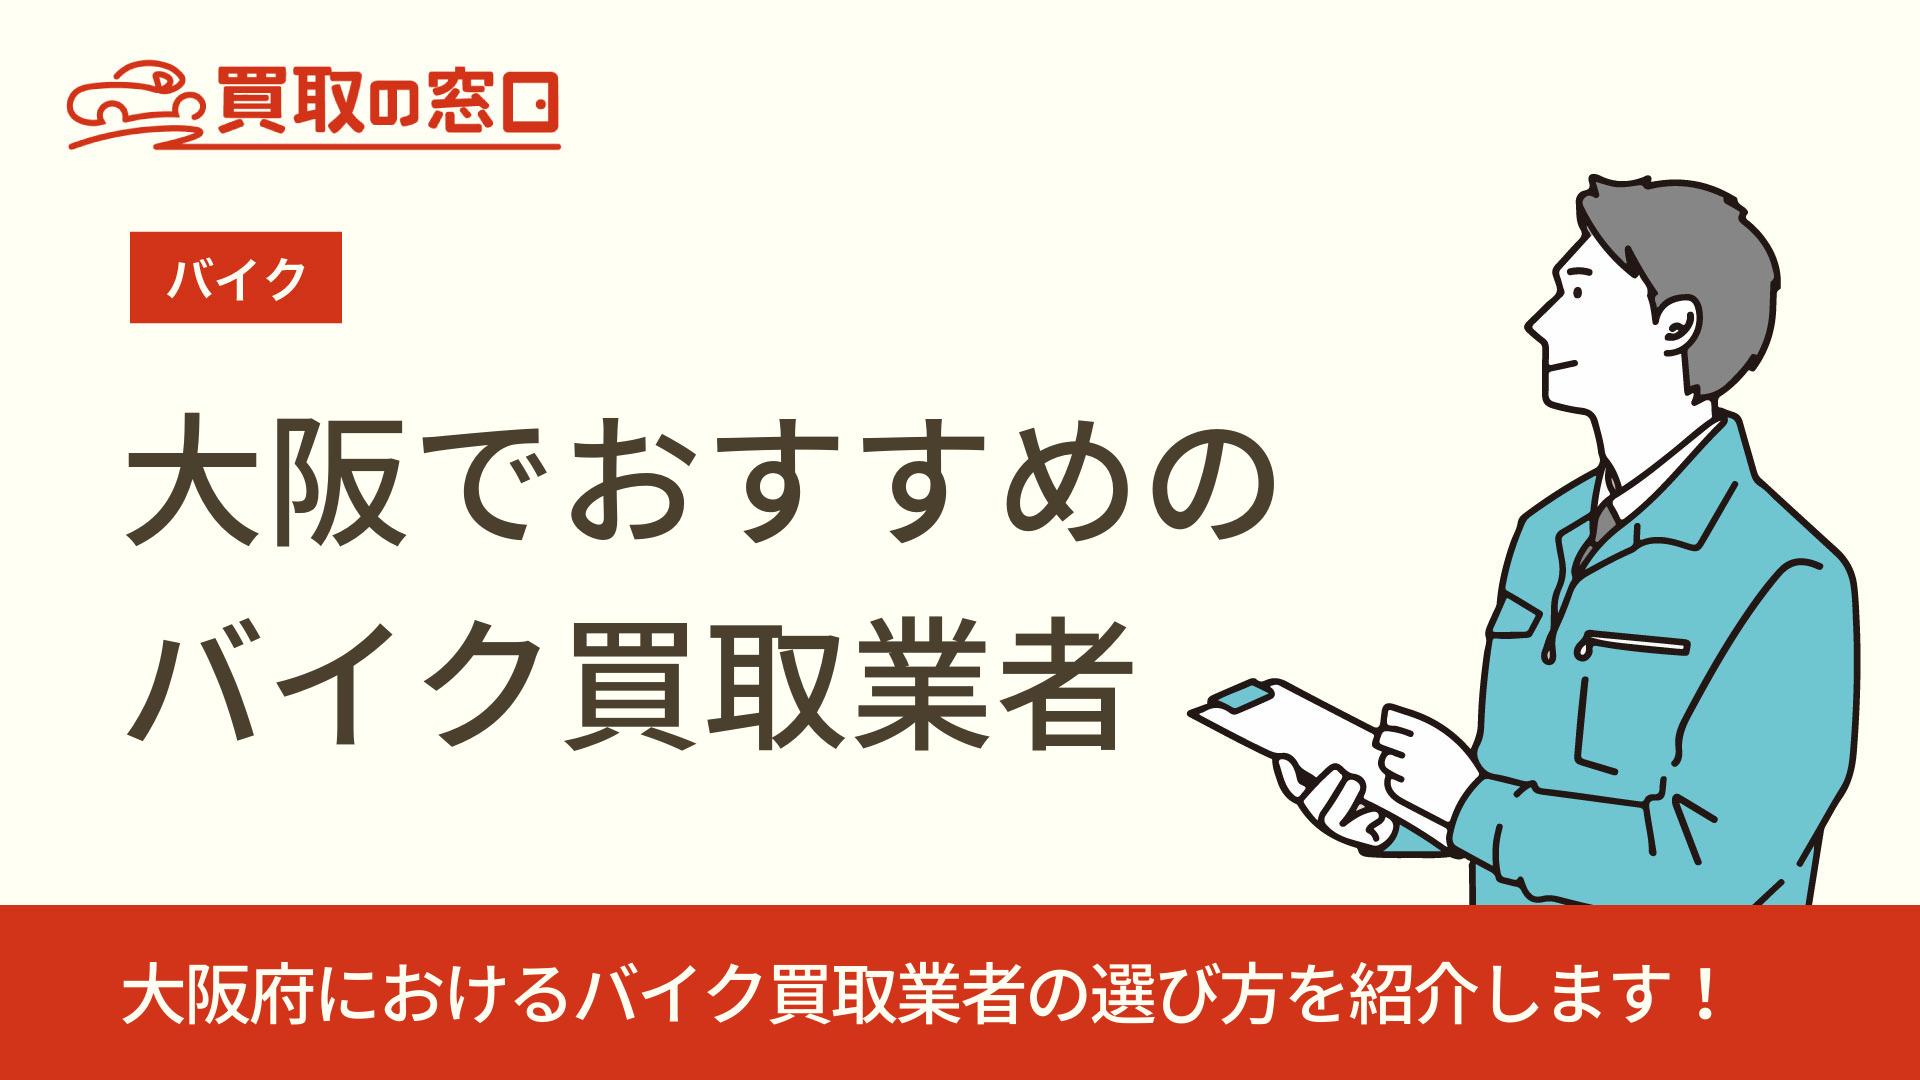 大阪のバイク買取店5選とバイク売却の基礎知識を徹底解説!